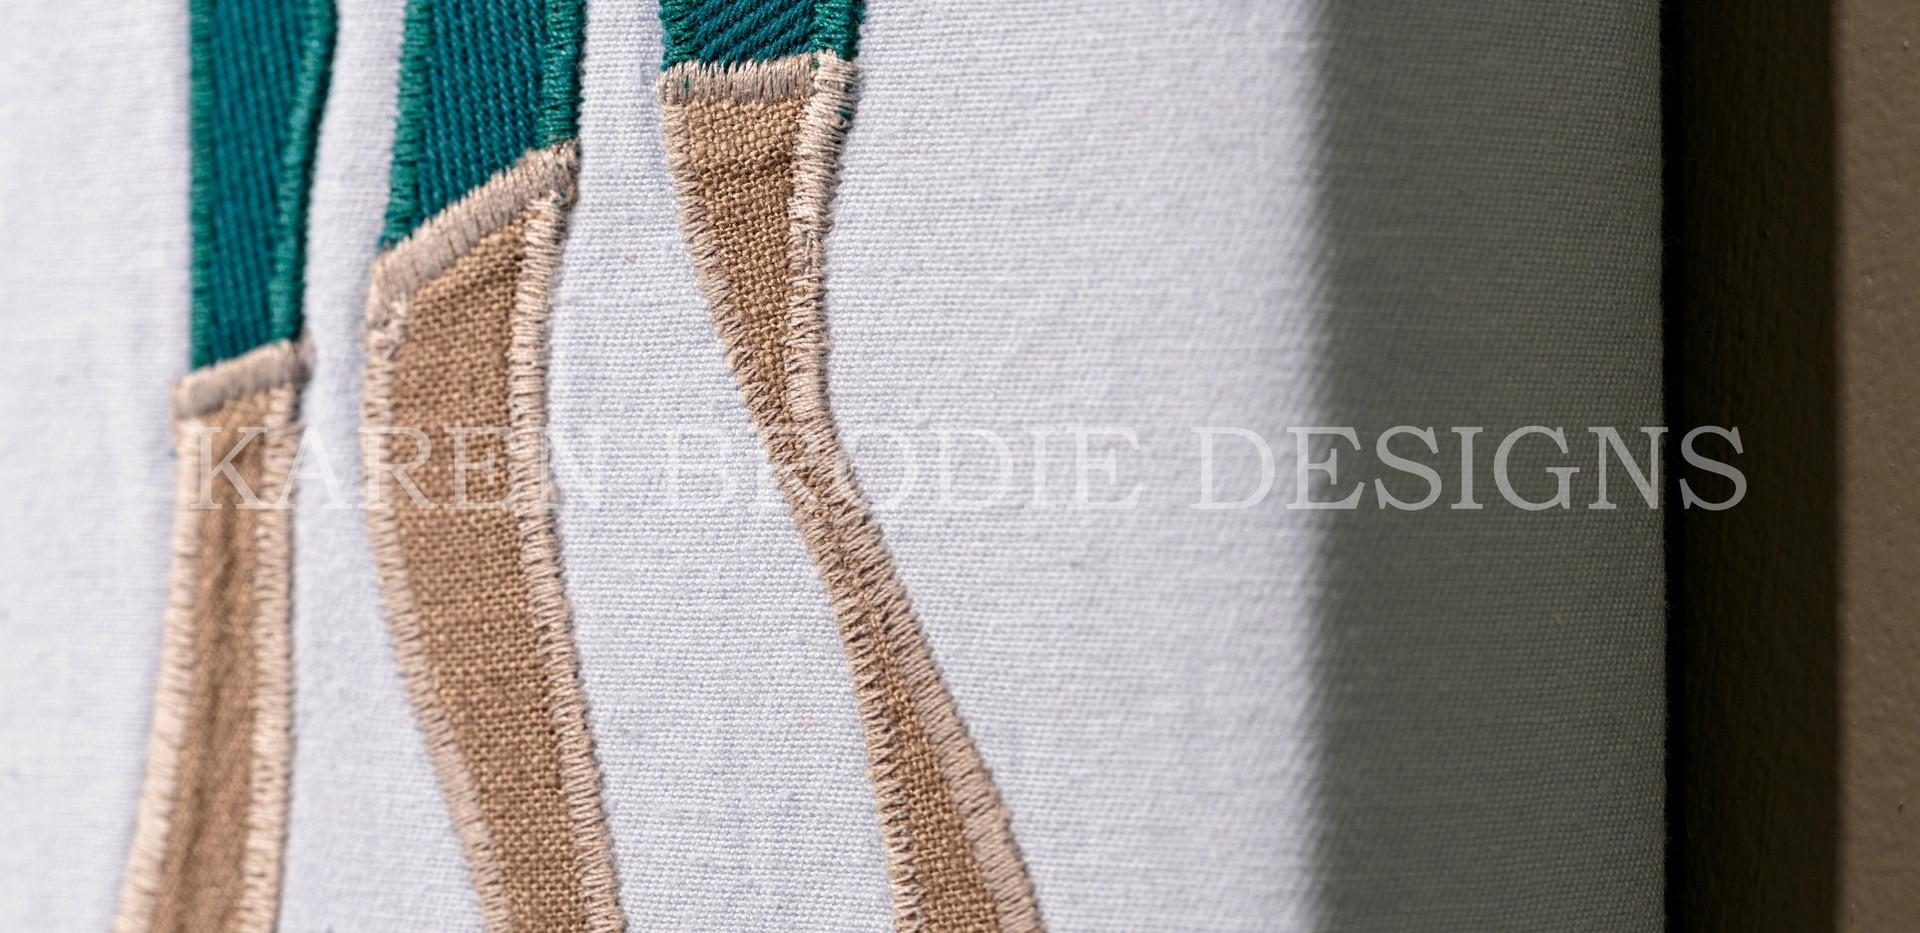 Fabric Art Details - Karen Brodie Designs